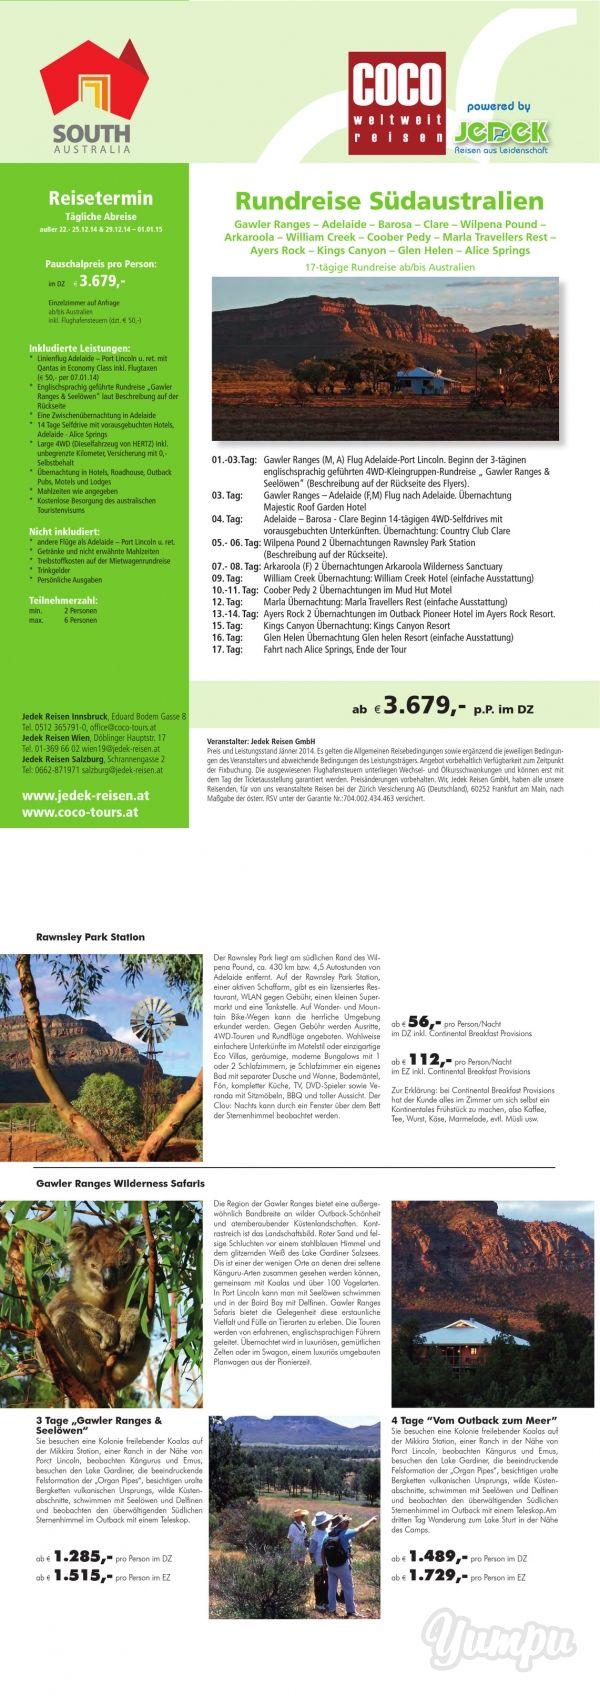 Rundreise Südaustralien  - Magazine with 2 pages: 17-tägige Rundreise ab/bis Australien im Doppelzimmer im DZ € 3.679,- mit den Highlights: Gawler Ranges – Adelaide – Barossa – Clare – Wilpena Pound – Arkaroola – William Creek – Coober Pedy – Marla Travellers Rest – Ayers Rock – Kings Canyon – Glen Helen – Alice Springs